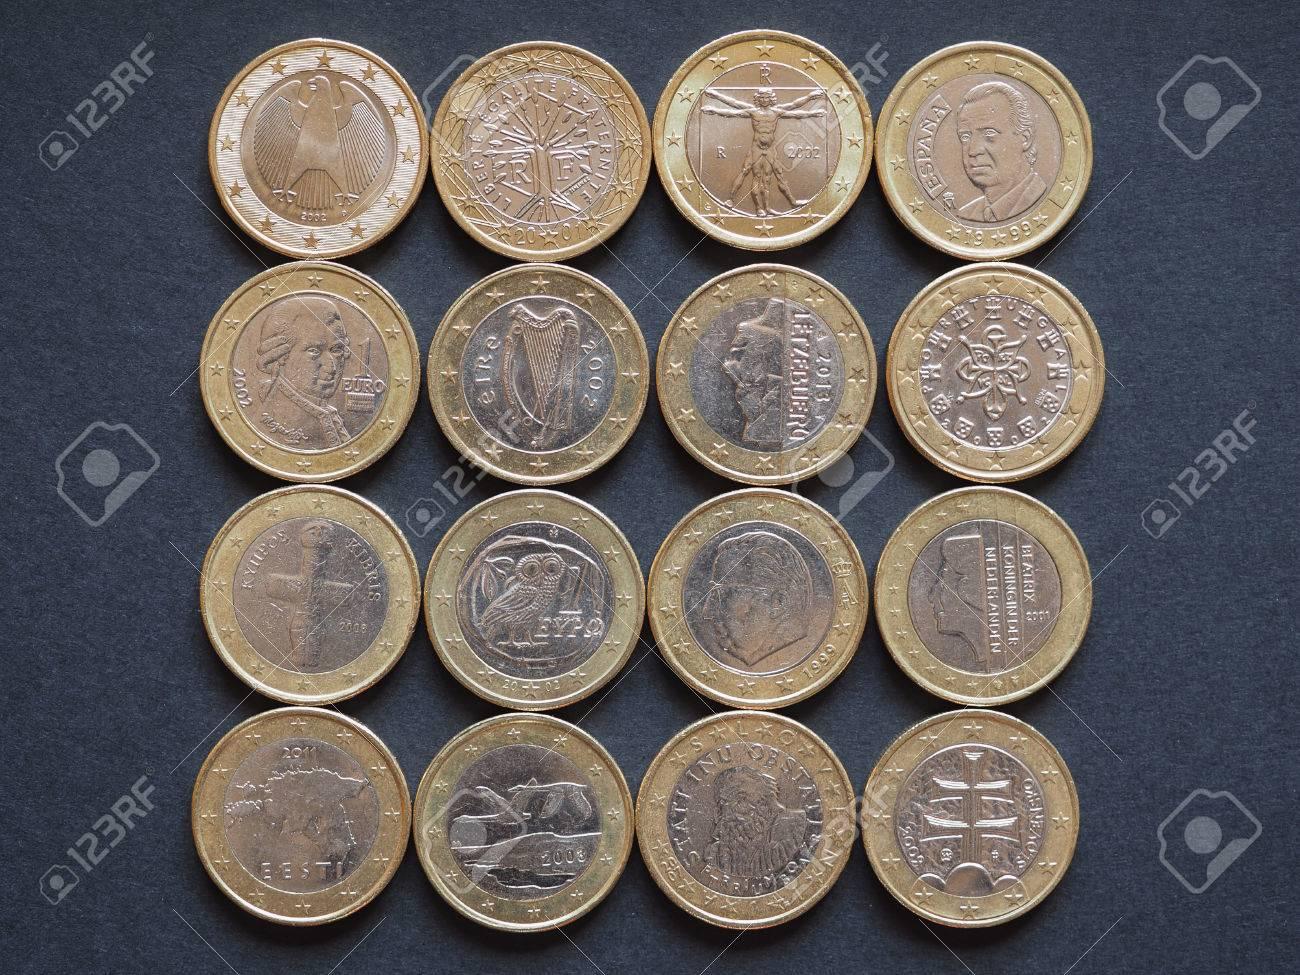 Euro Münzen Währung Aus Vielen Verschiedenen Ländern In Der